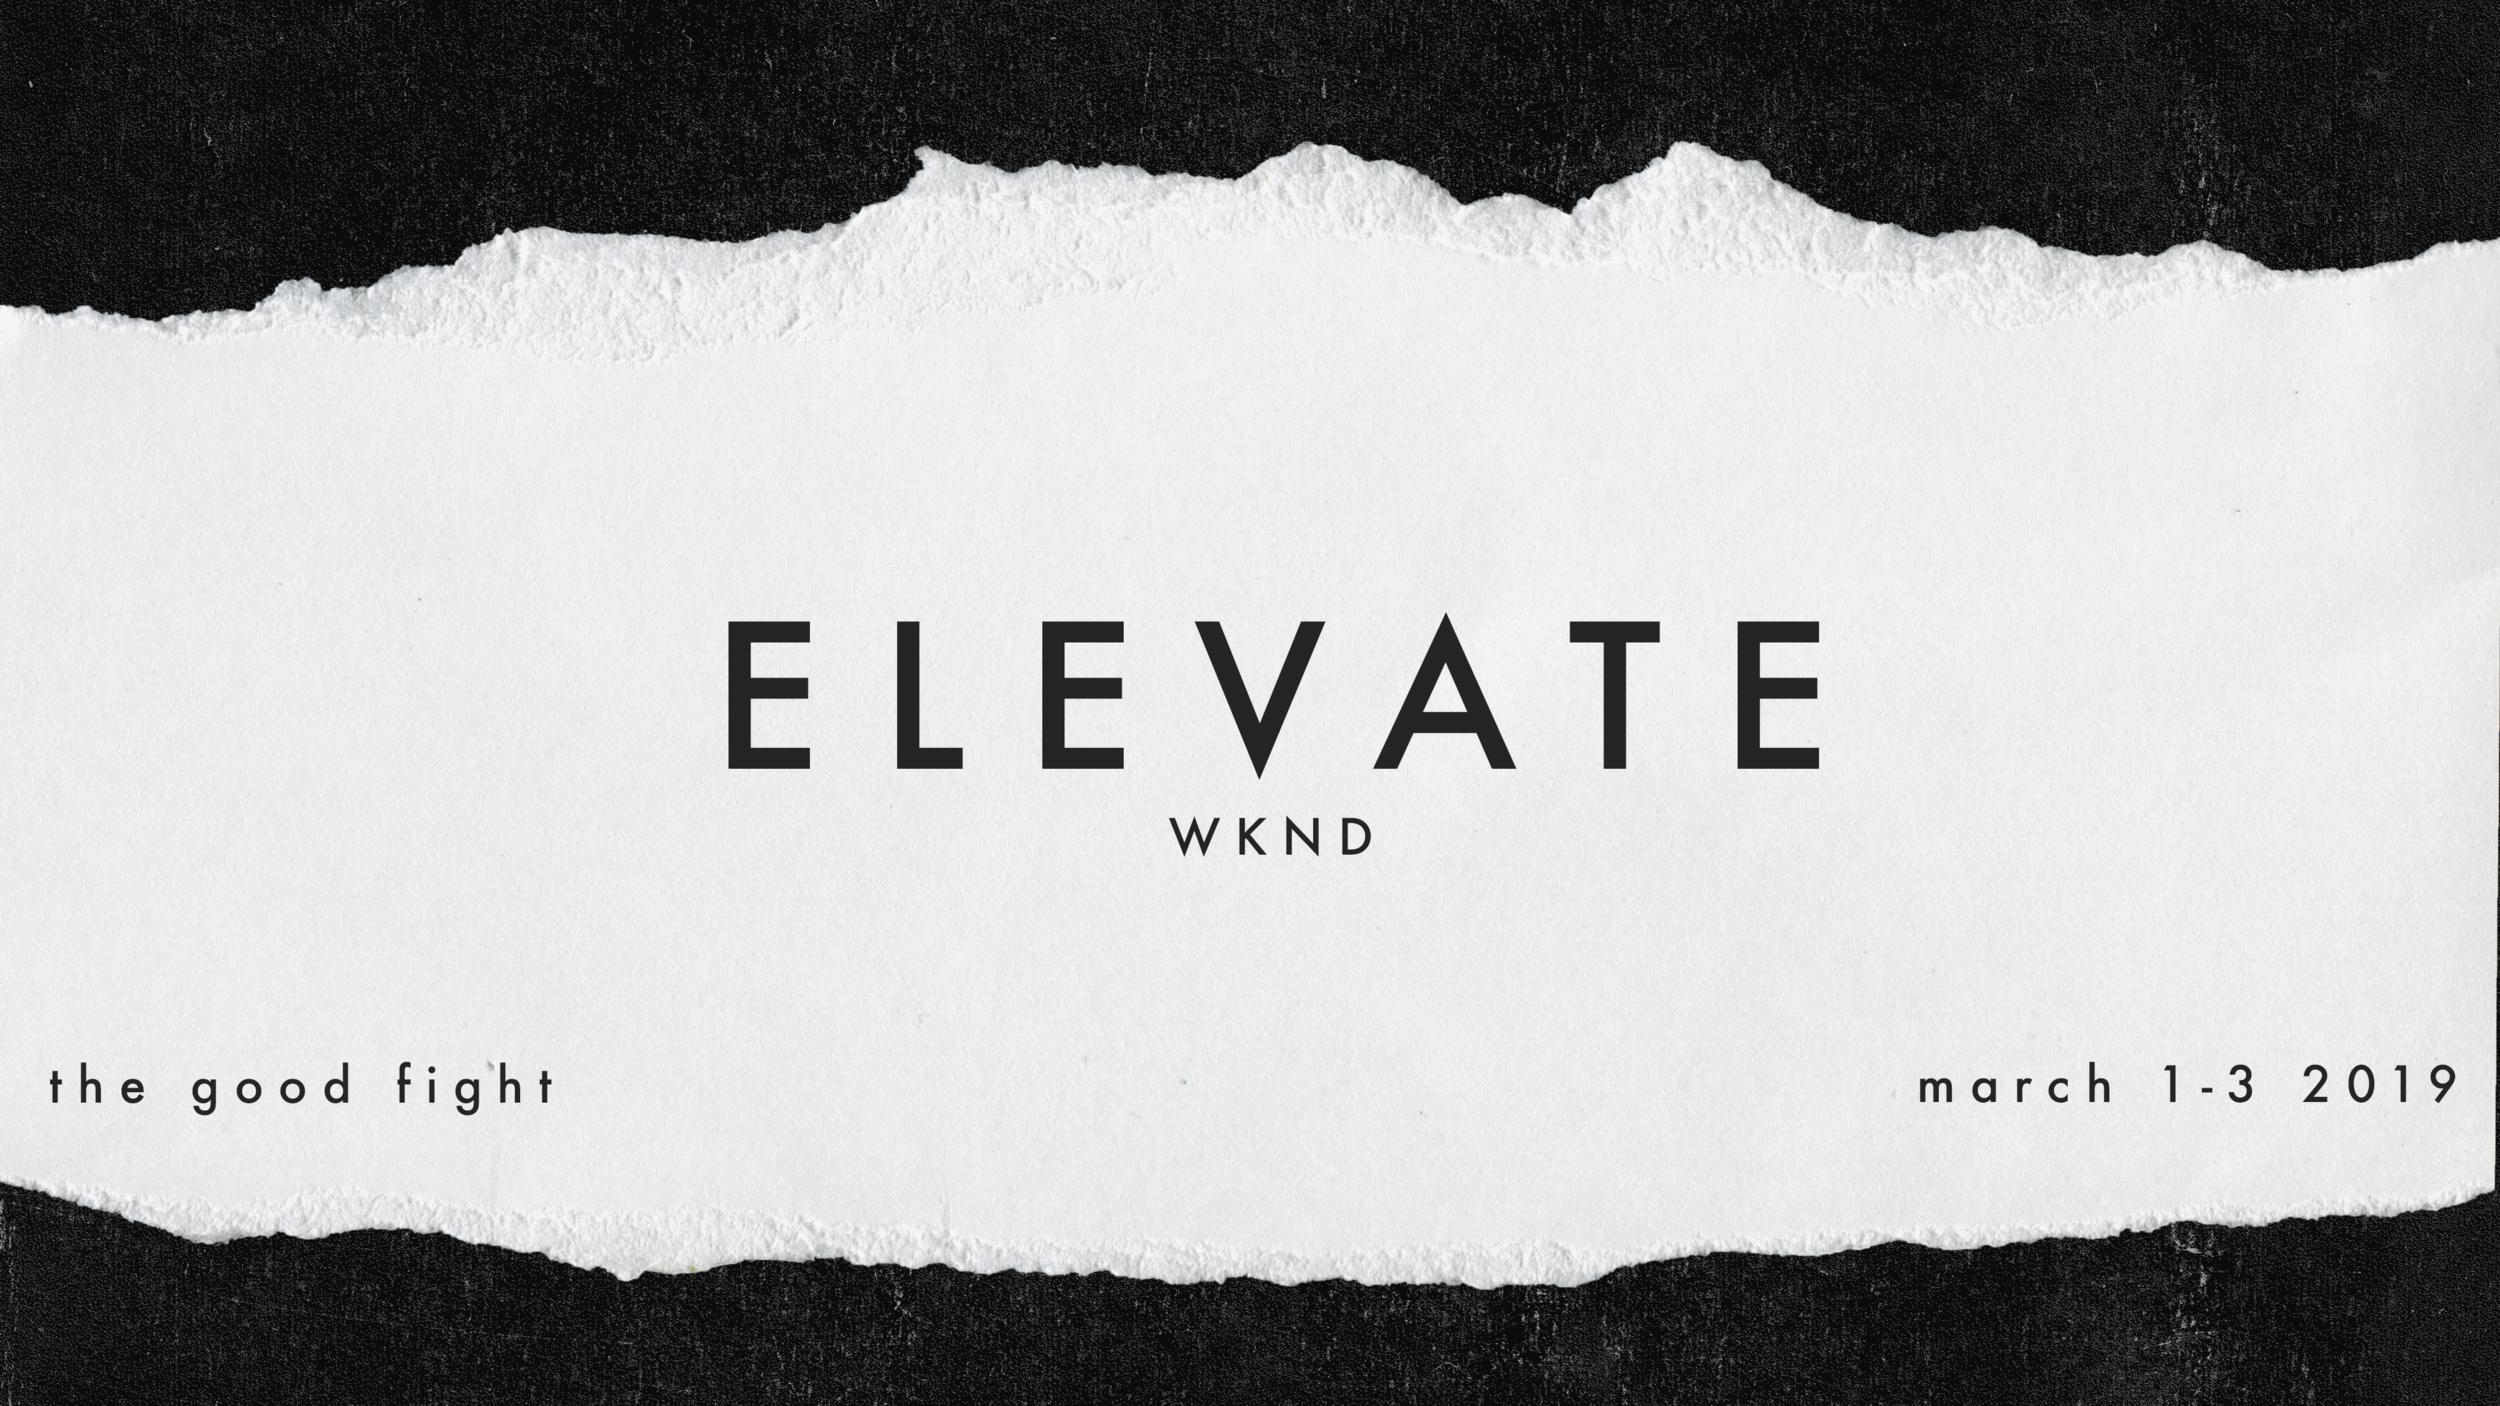 elevate wknd date .png